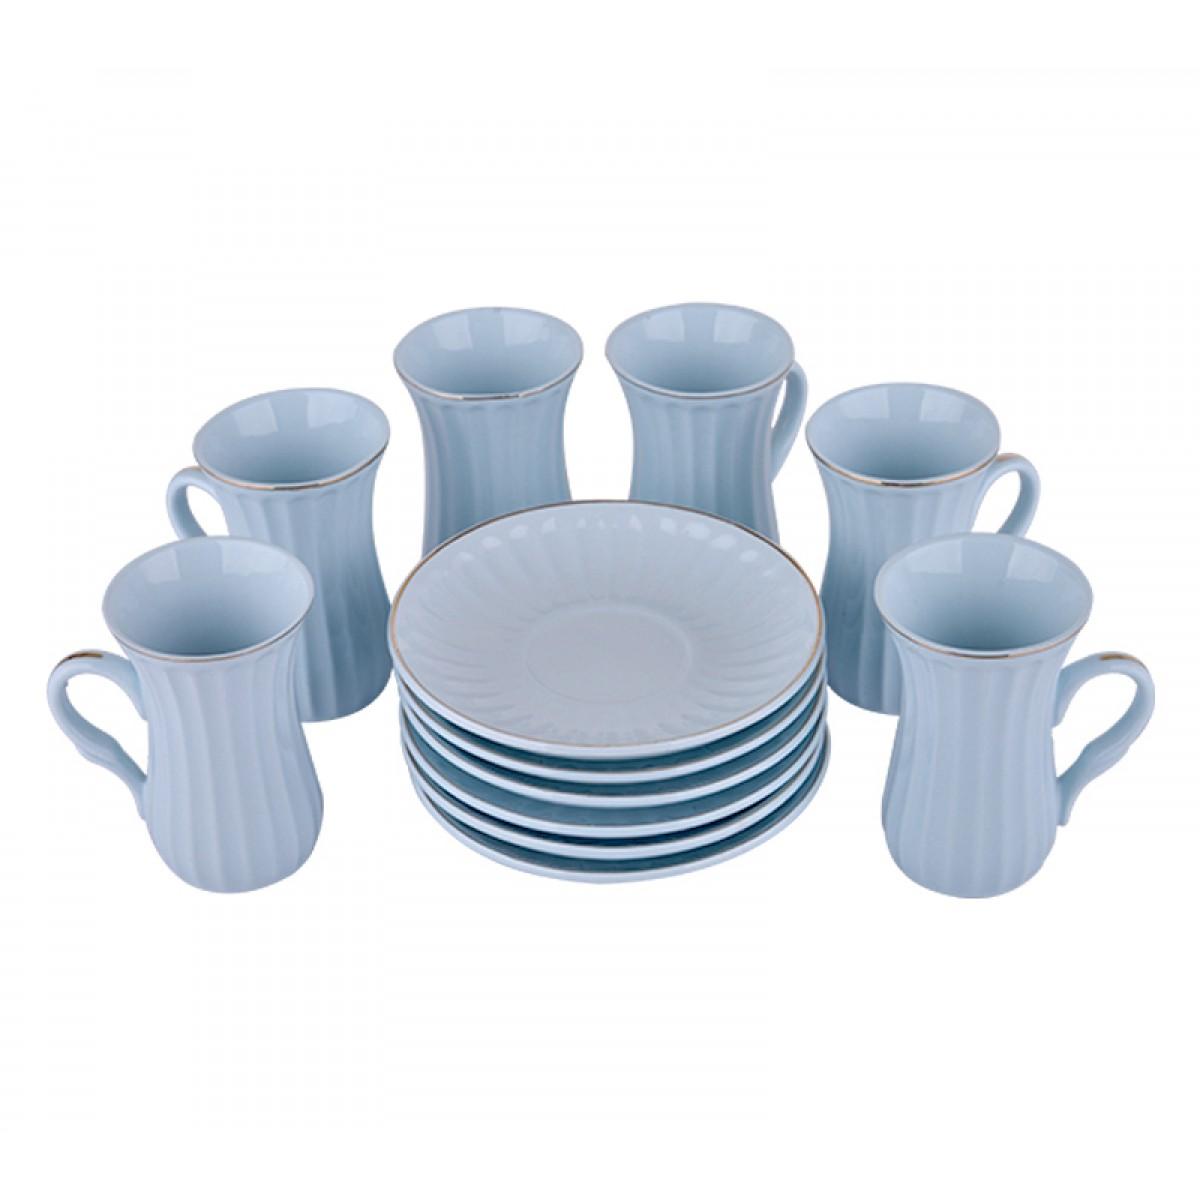 طقم بيالات شاي سيراميك مع الصحون 12 قطعة YM-16252